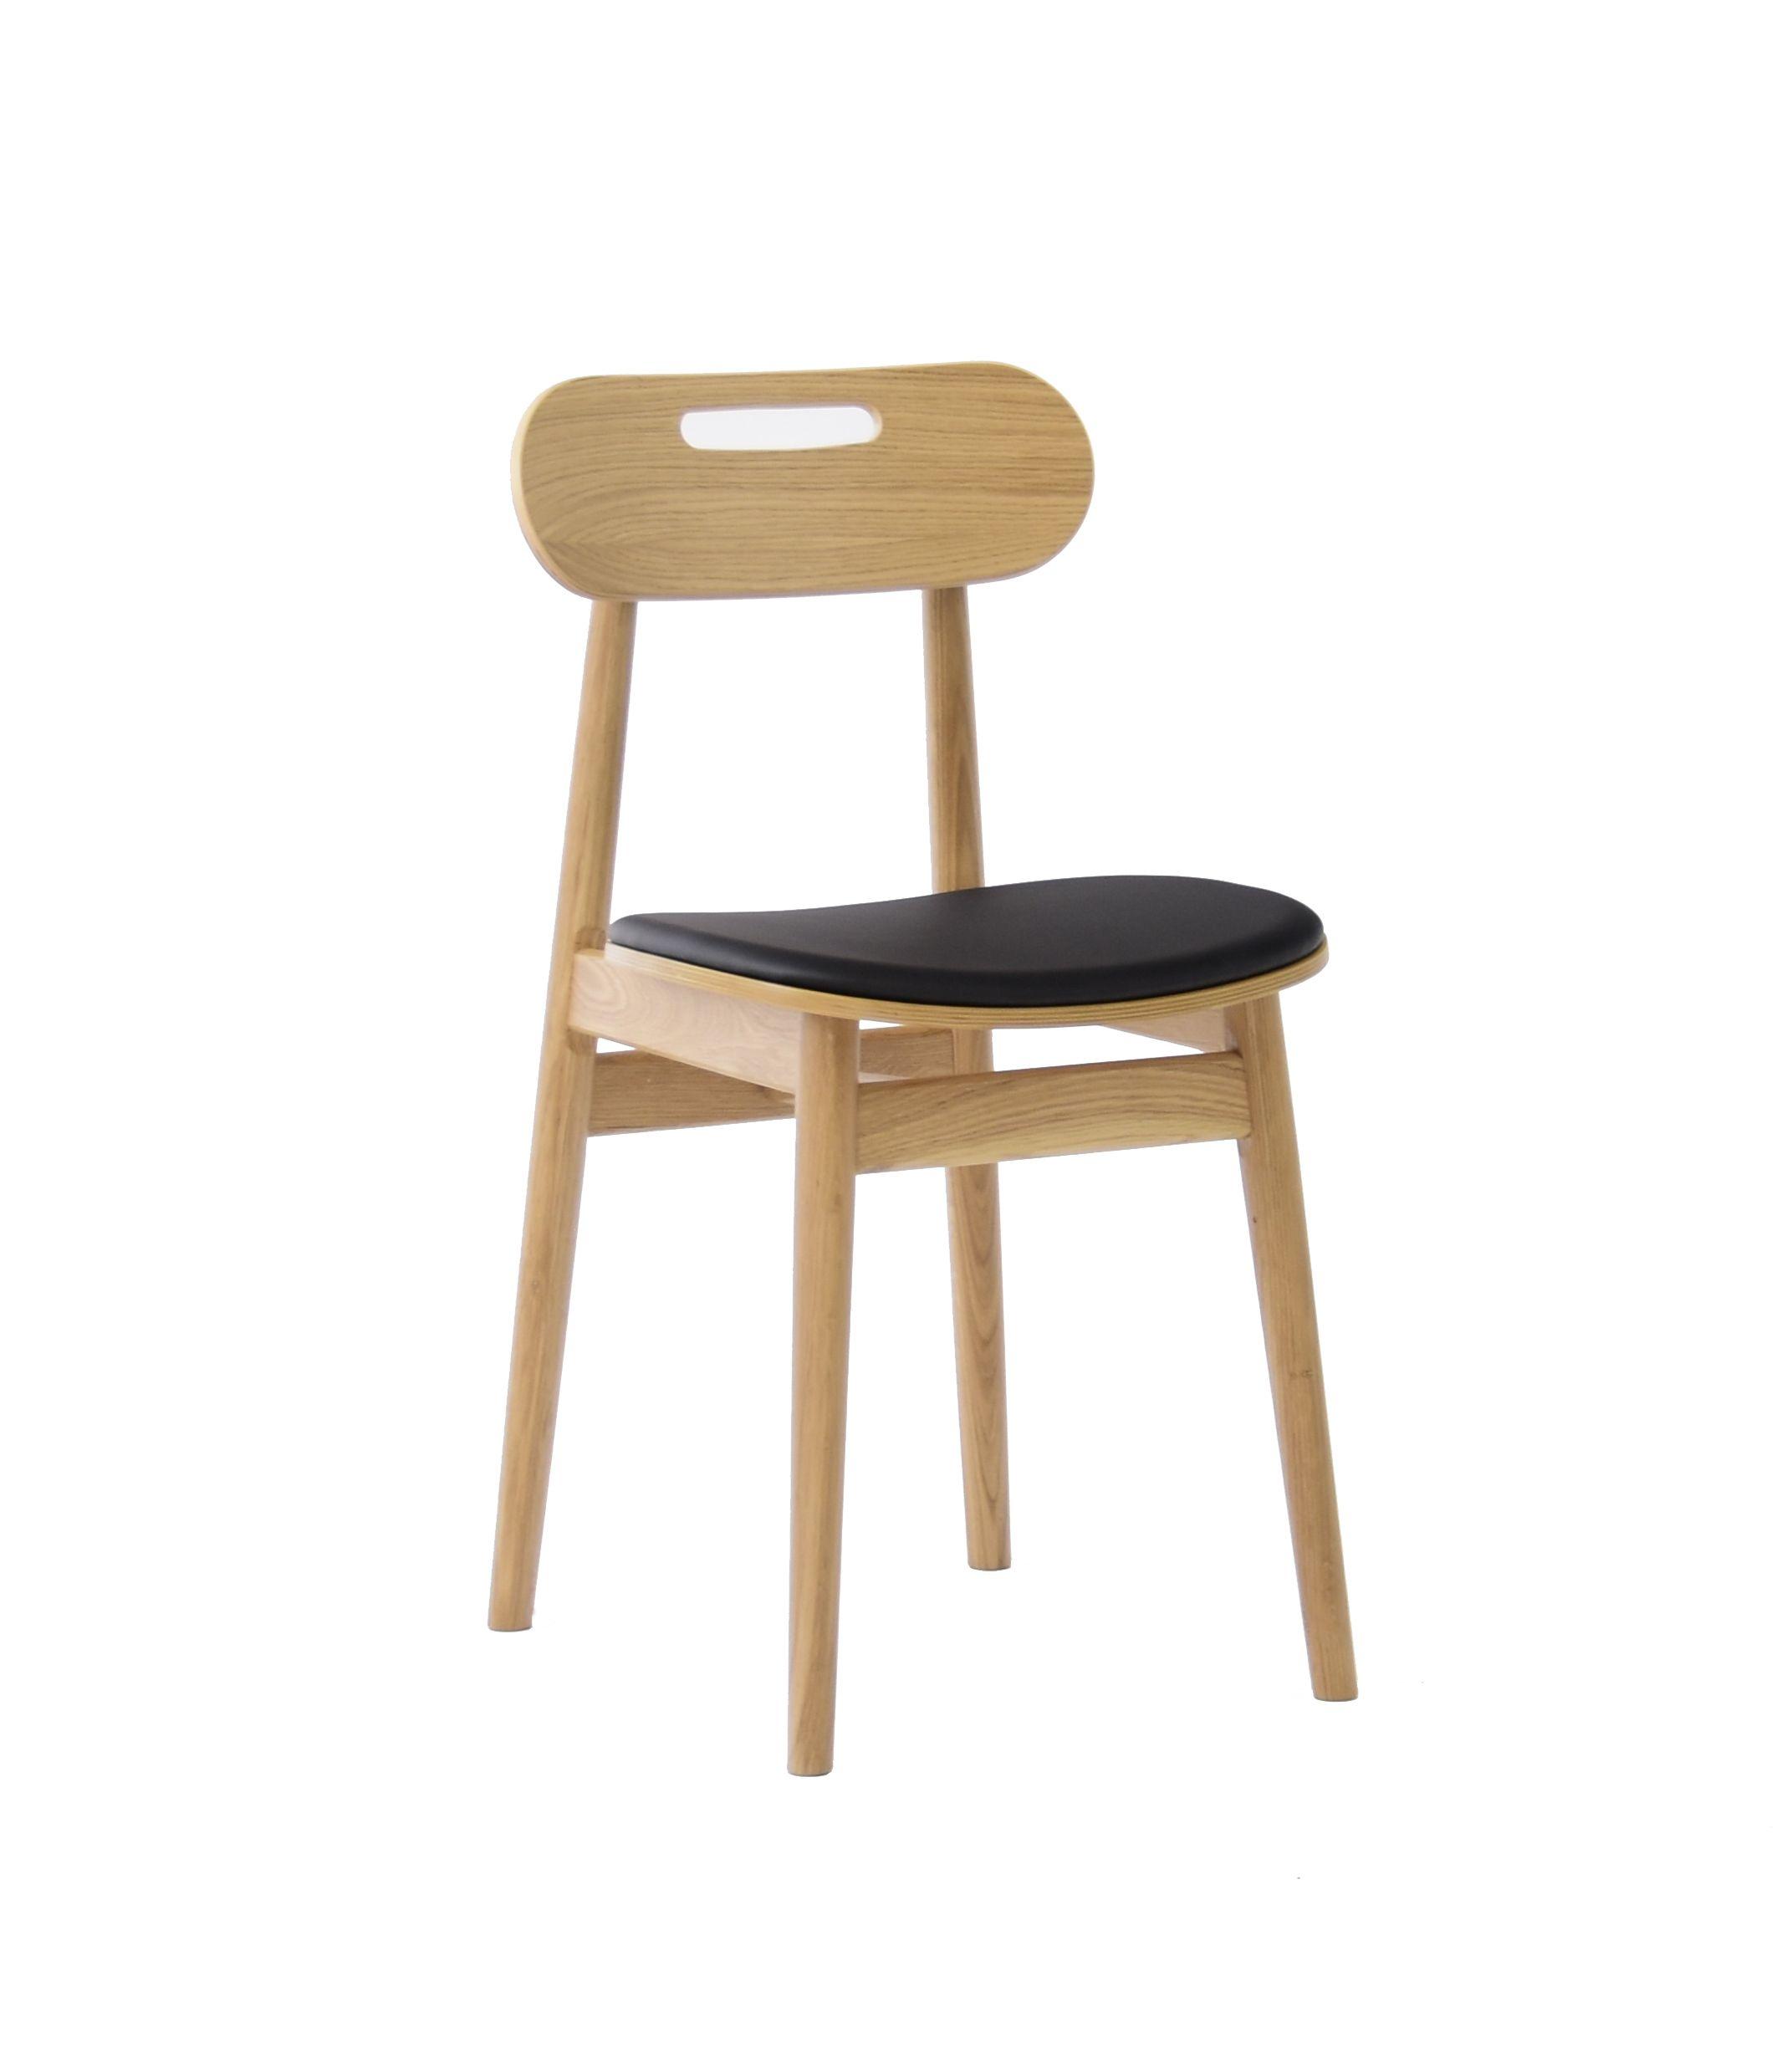 skandynawskie krzesło tapicerowane dębowe